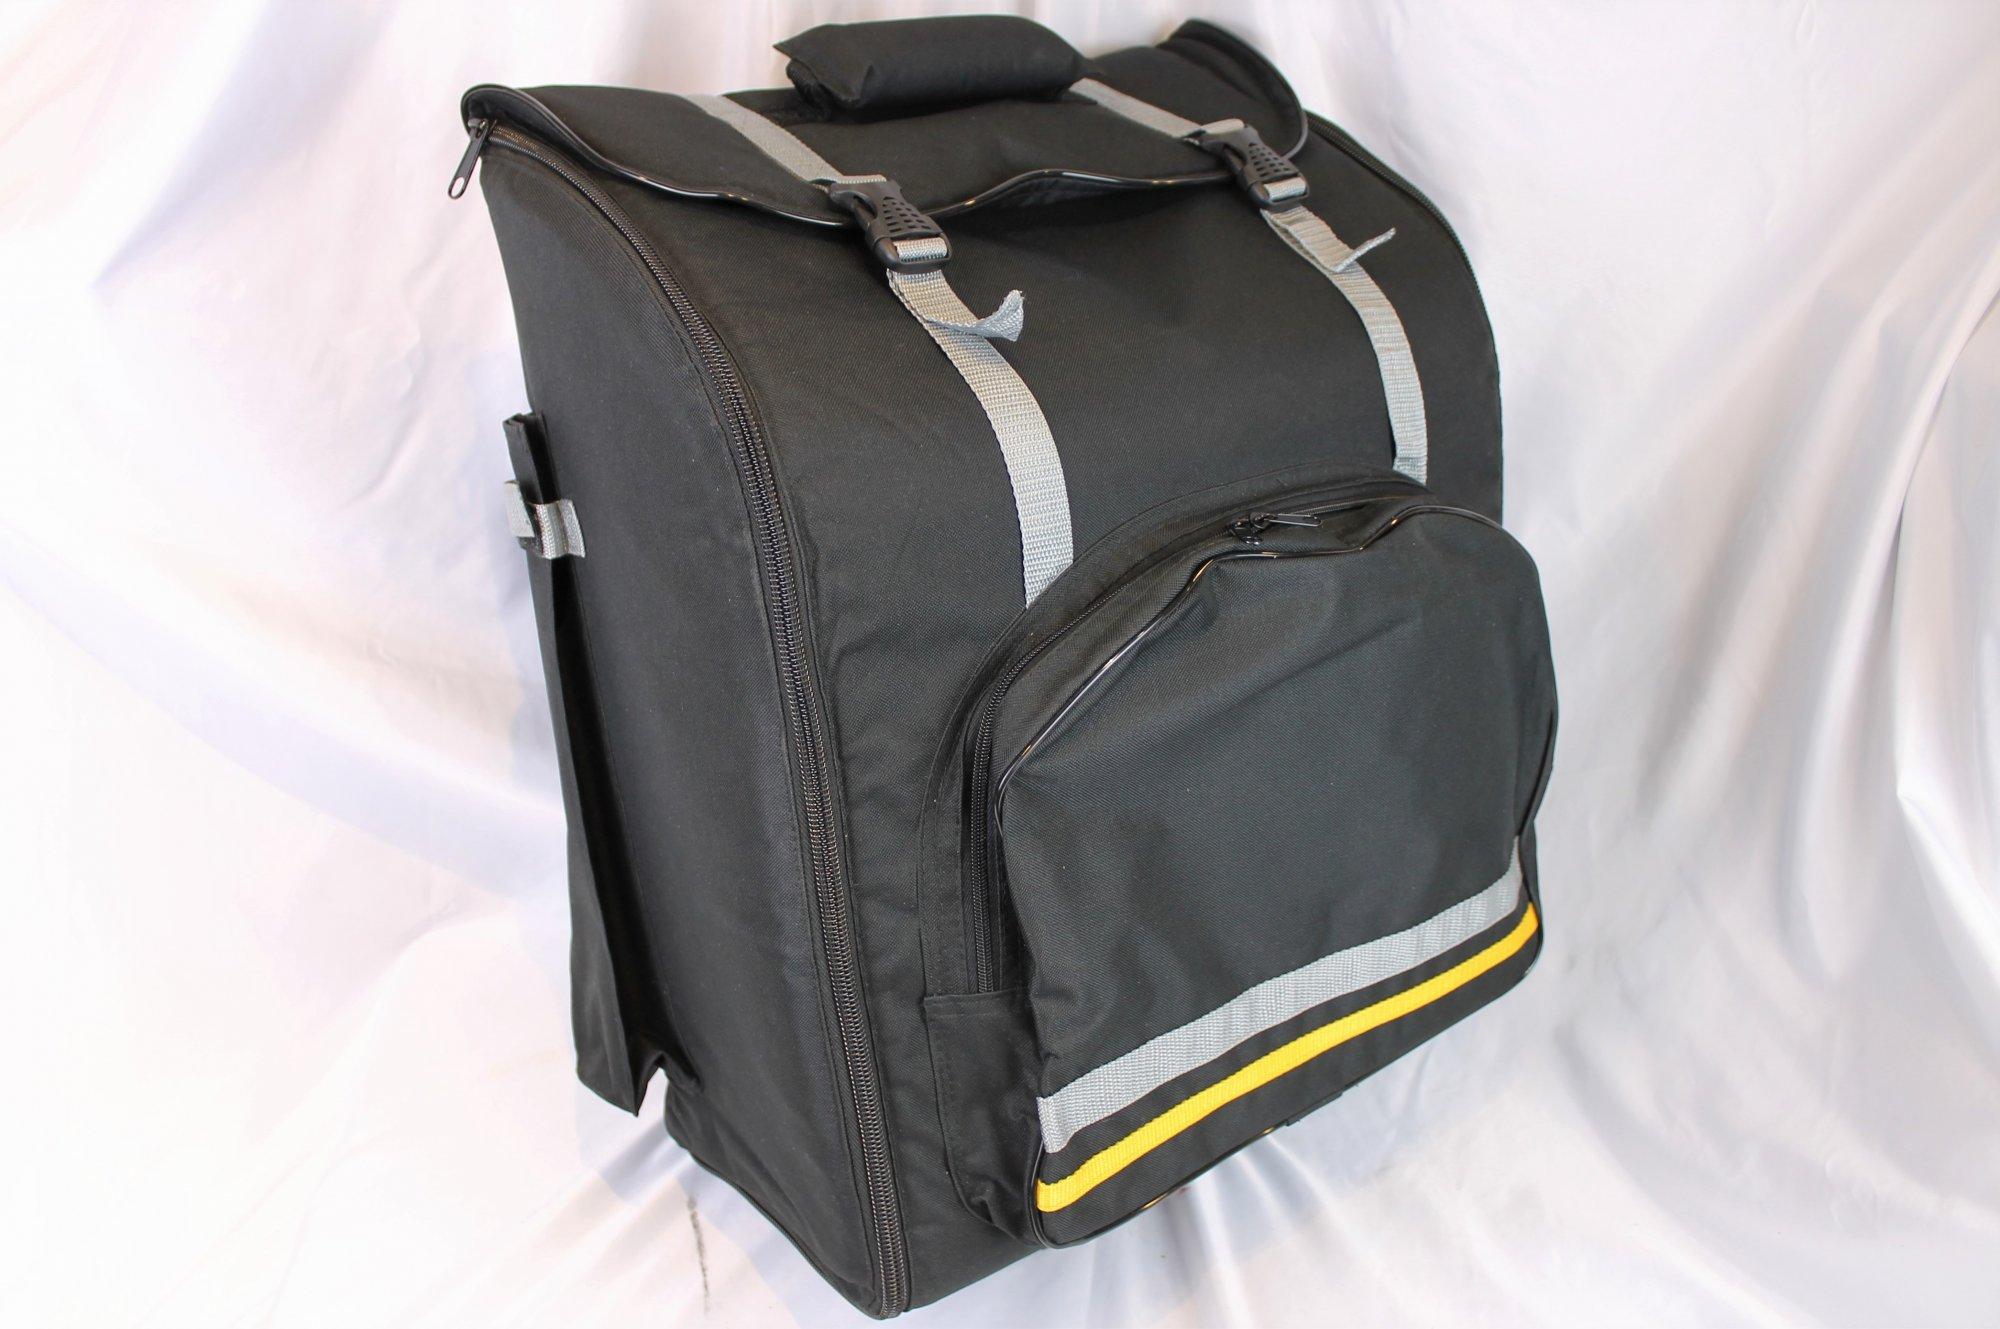 Black Trolley Gig Bag for Accordion 17 x 8.5 x 20.5